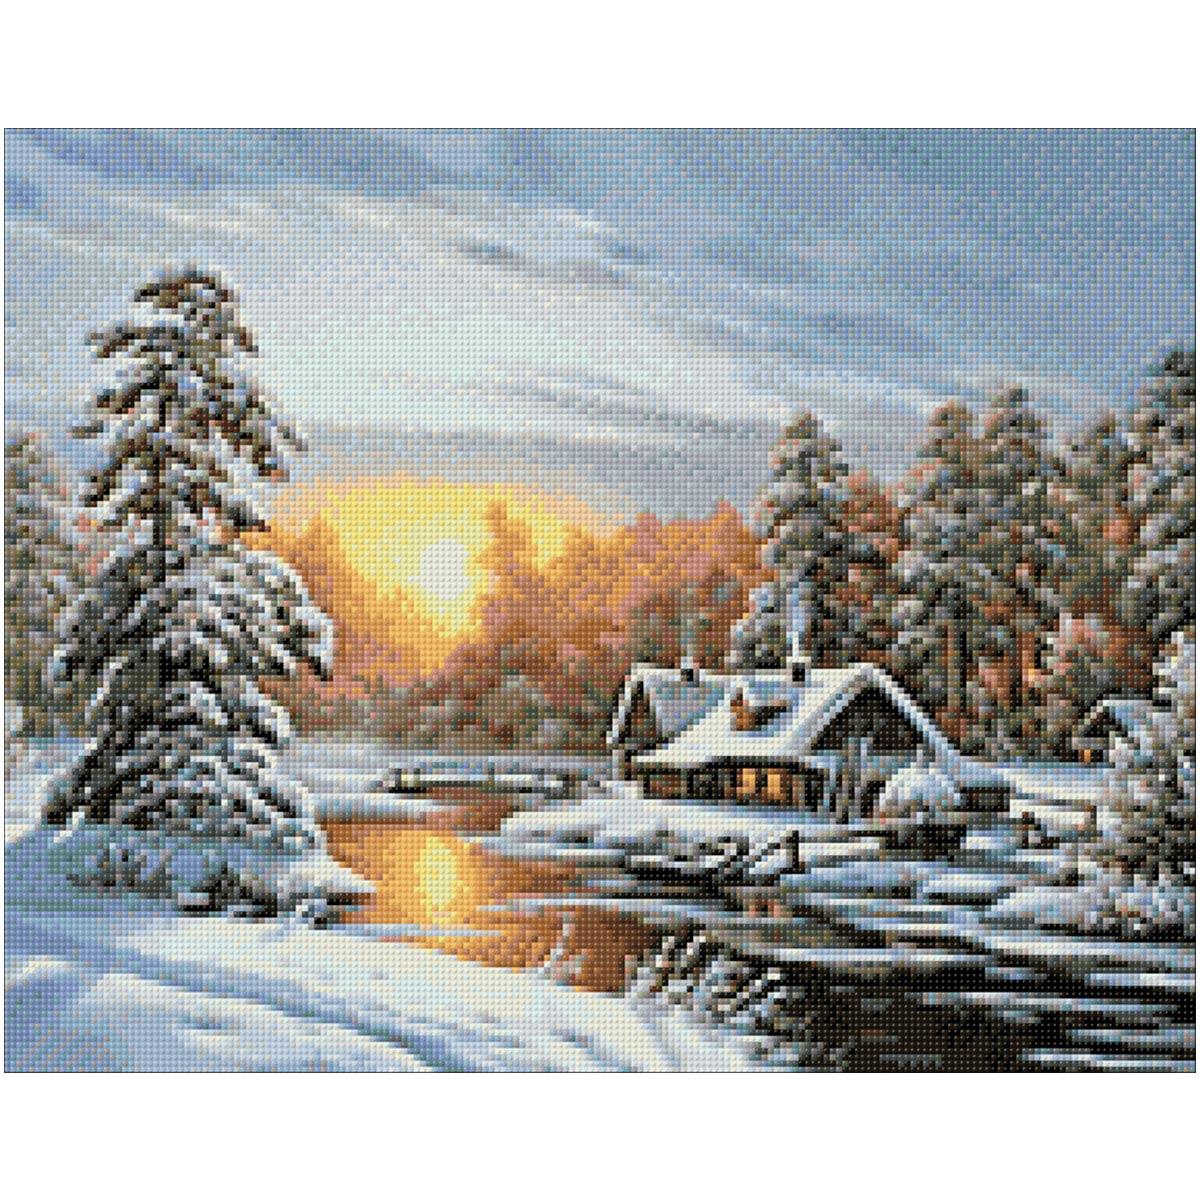 Ag 330 Набор д/изготовления картин со стразами 'Морозное утро' 48*38см Гранни